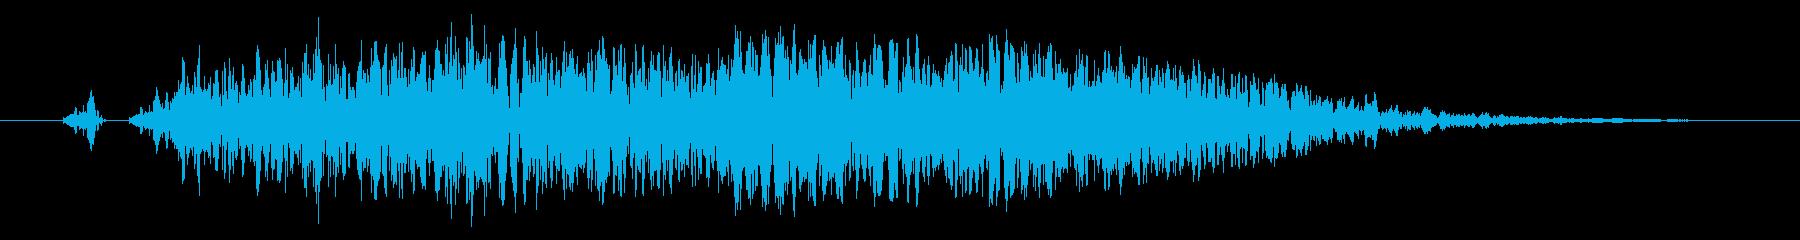 【打撃音11】パンチやキックに最適です!の再生済みの波形